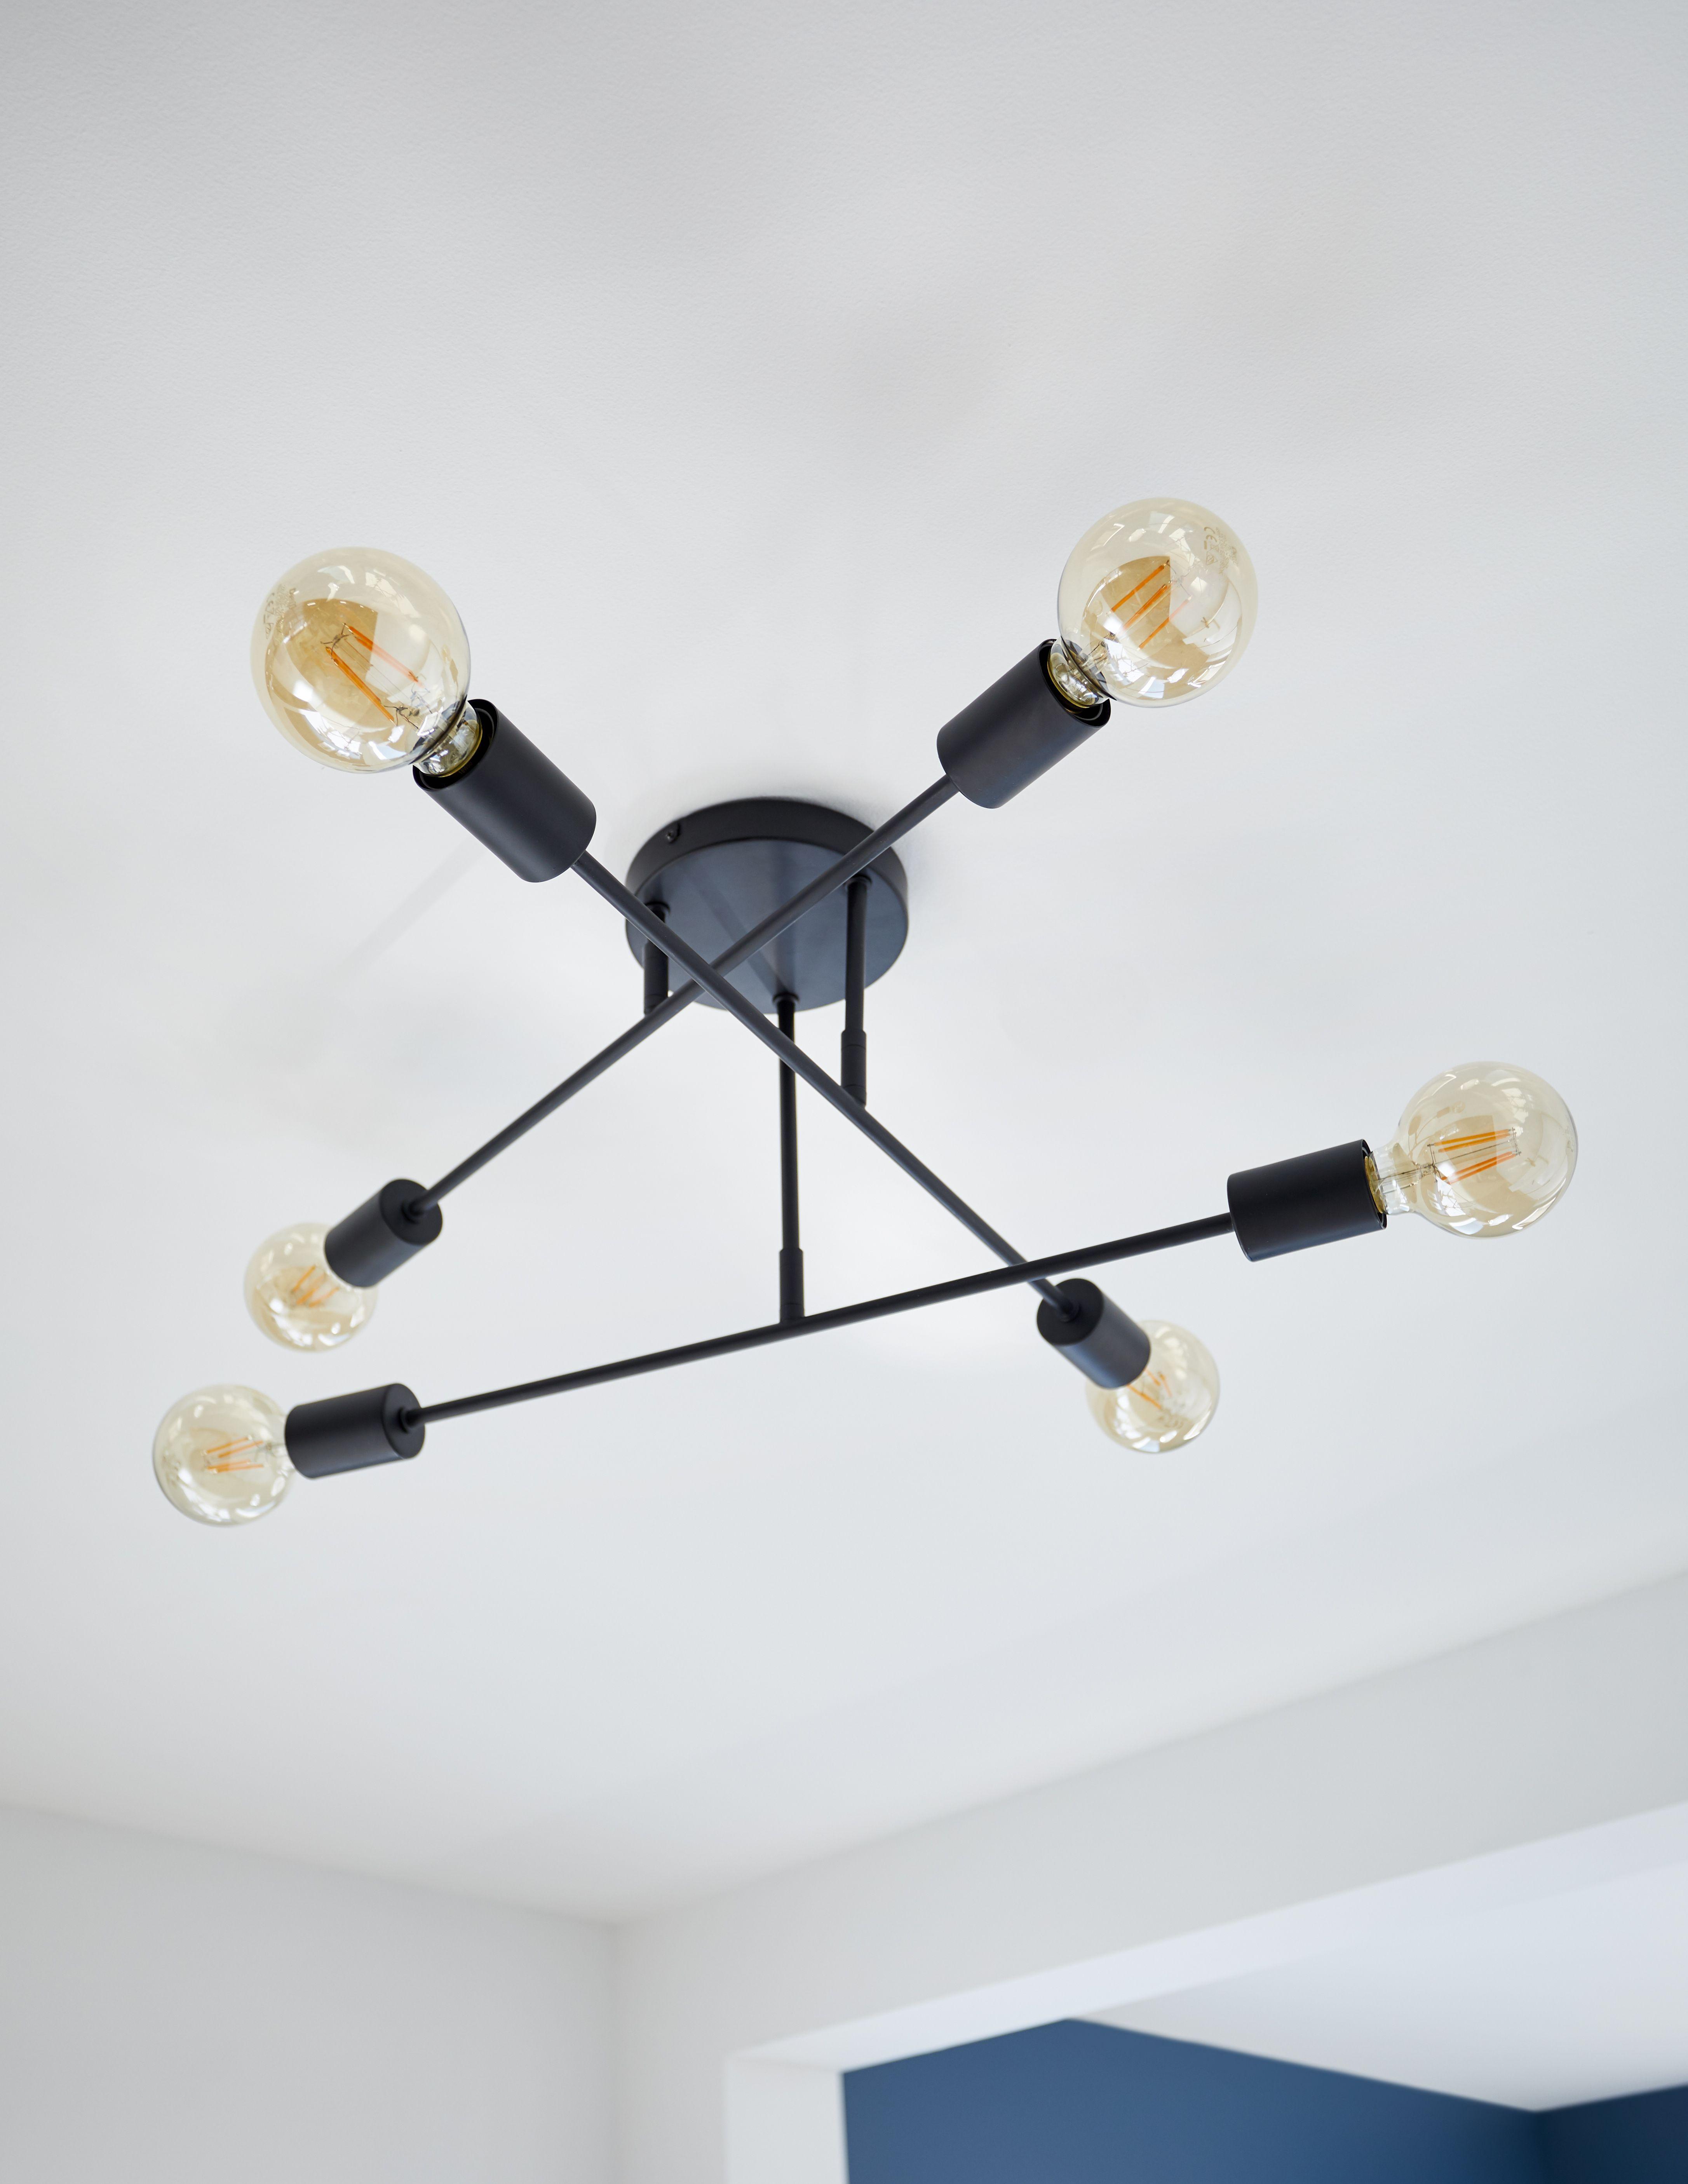 Un Plafonnier Au Style Industriel Qu On Agremente D Ampoules A Filament Pour Un Esprit Loft Castorama Insp Plafonnier Luminaire Style Industriel Luminaire